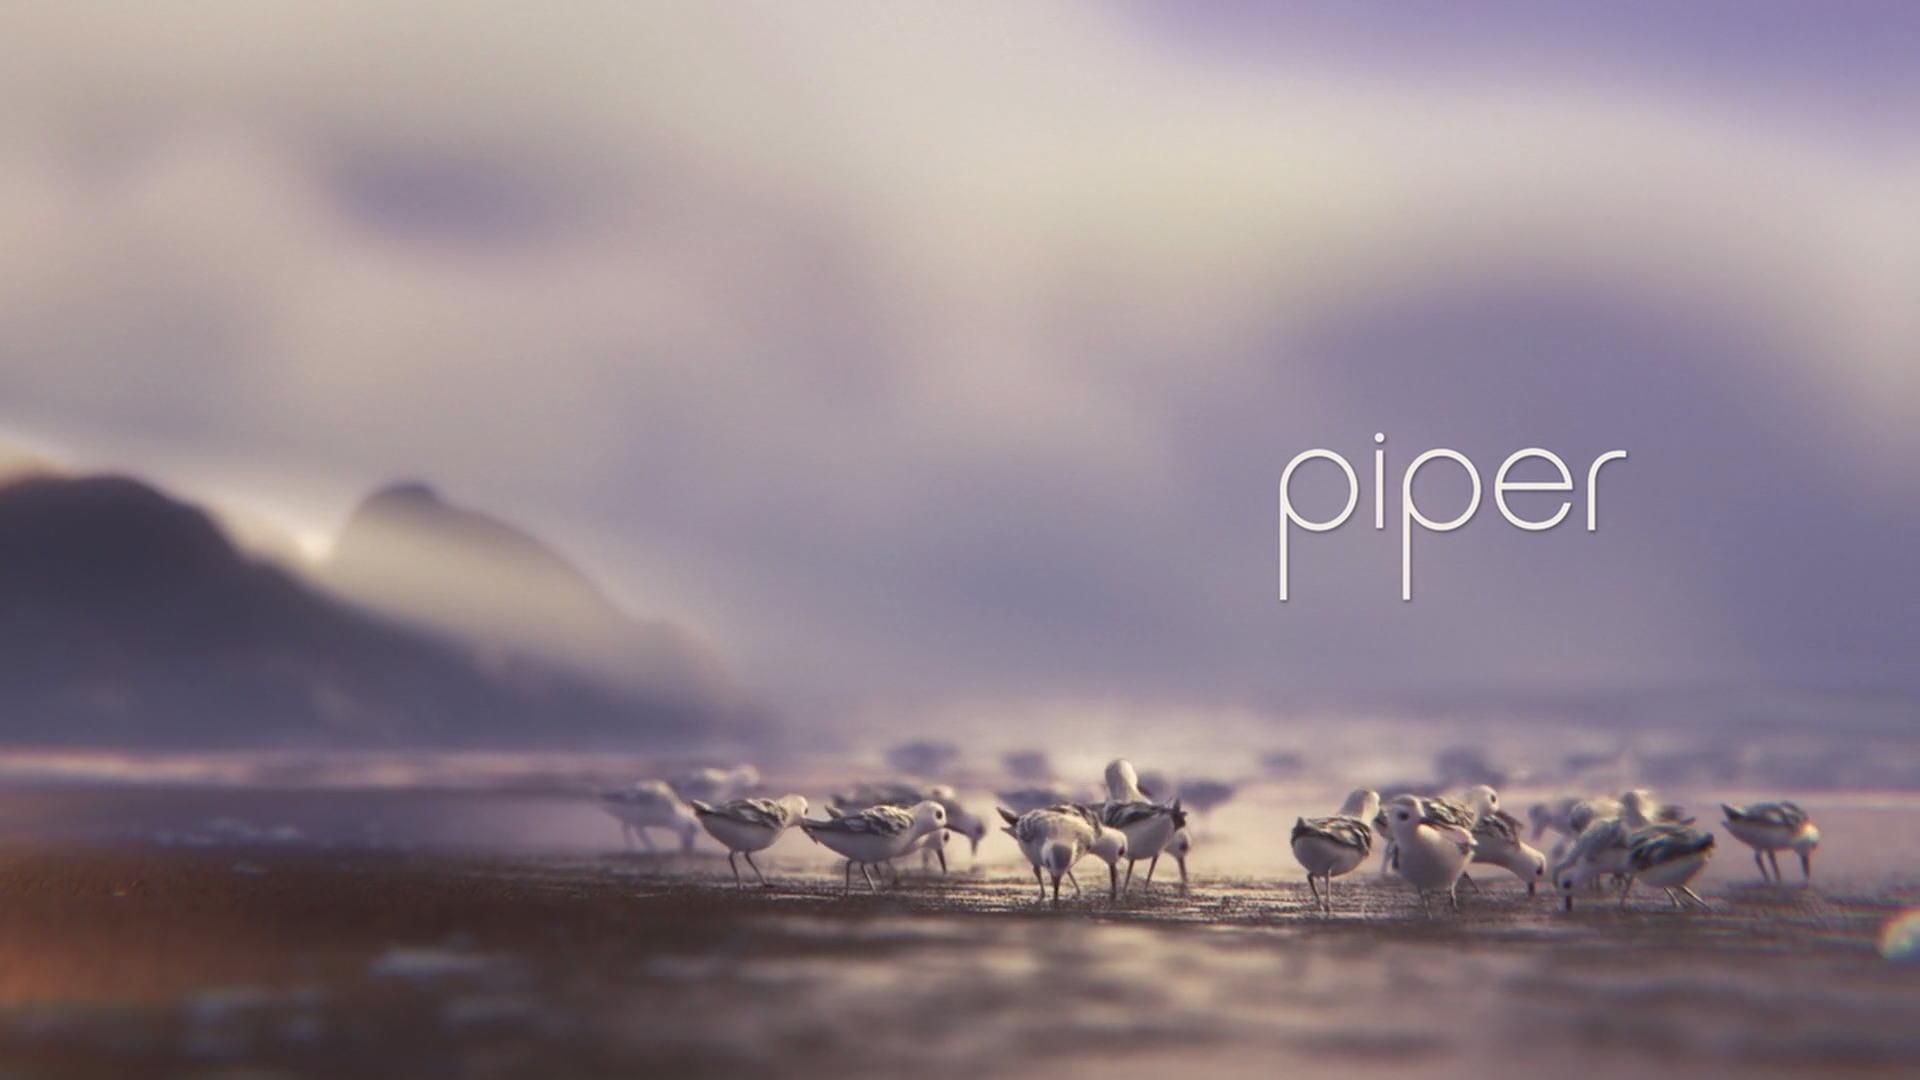 piper pixar wiki fandom powered by wikia